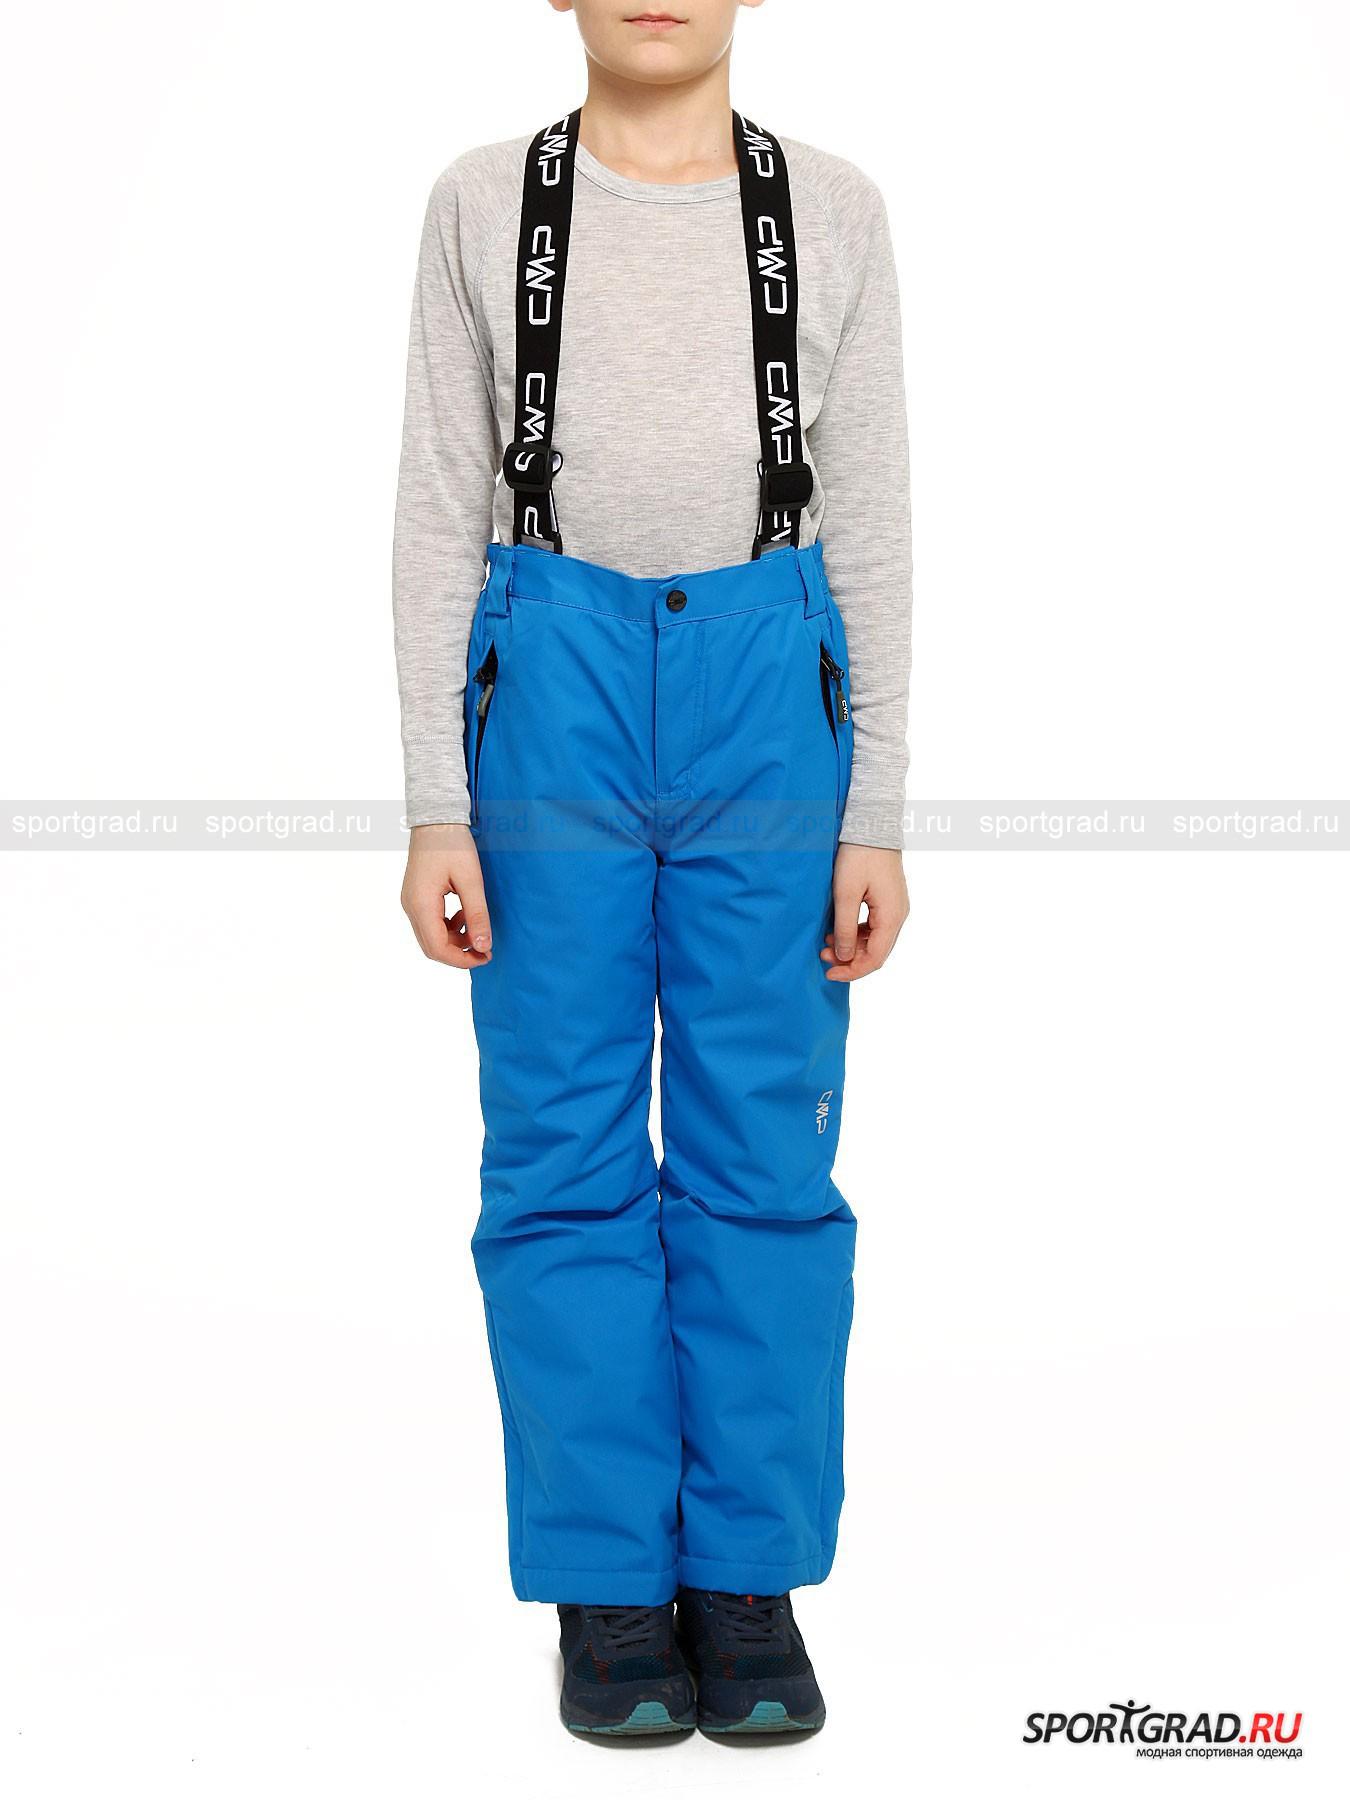 Брюки детские горнолыжные CAMPAGNOLO на подтяжкахБрюки<br>Детские брюки CAMPAGNOLO понравятся как детям, так и их родителям. Модель имеет универсальный дизайн,  делающий ее пригодной не только для лыжного спорта, но и  просто для городской прогулки морозным зимним деньком. При пошиве этих брюк была применена специальная технология под названием CLIMAPROTECT, благодаря которой ткань превосходно пропускает воздух, при этом защищая от холода и ветра.<br><br>Изделие имеет:<br>- проклеенные швы, не позволяющие влаге от тающего снега просочиться внутрь;<br>- спинку на мягкой подкладке;<br>- широкие удобные эластичные лямки, длина которых регулируется при помощи пряжек;<br>- притачной пояс, собранный по бокам на резинку для лучшей посадки;<br> - шлевки, в которые при необходимости можно продеть ремень;<br>- центральный разрез на молнию, дополненный застежкой на металлическую пуговицу-петлю и потайную кнопку;<br> -  закрывающиеся на молнию боковые прорезные карманы с листочками; <br>- вытачки в районе коленей, обеспечивающие большую свободу движений; <br>- молнии и металлические кнопки, при помощи которых брючины застегиваются внизу; <br> - вшитые снежные гетры на резинке, благодаря которым снег не попадет внутрь.<br><br>Возраст: Детский<br>Тип: Брюки<br>Рекомендации по уходу: Для изделия рекомендована деликатная стирка в теплой воде, сушка при низкой температуре. Нельзя отбеливать, гладить, подвергать химчистке.<br>Состав: 100% полиэстер